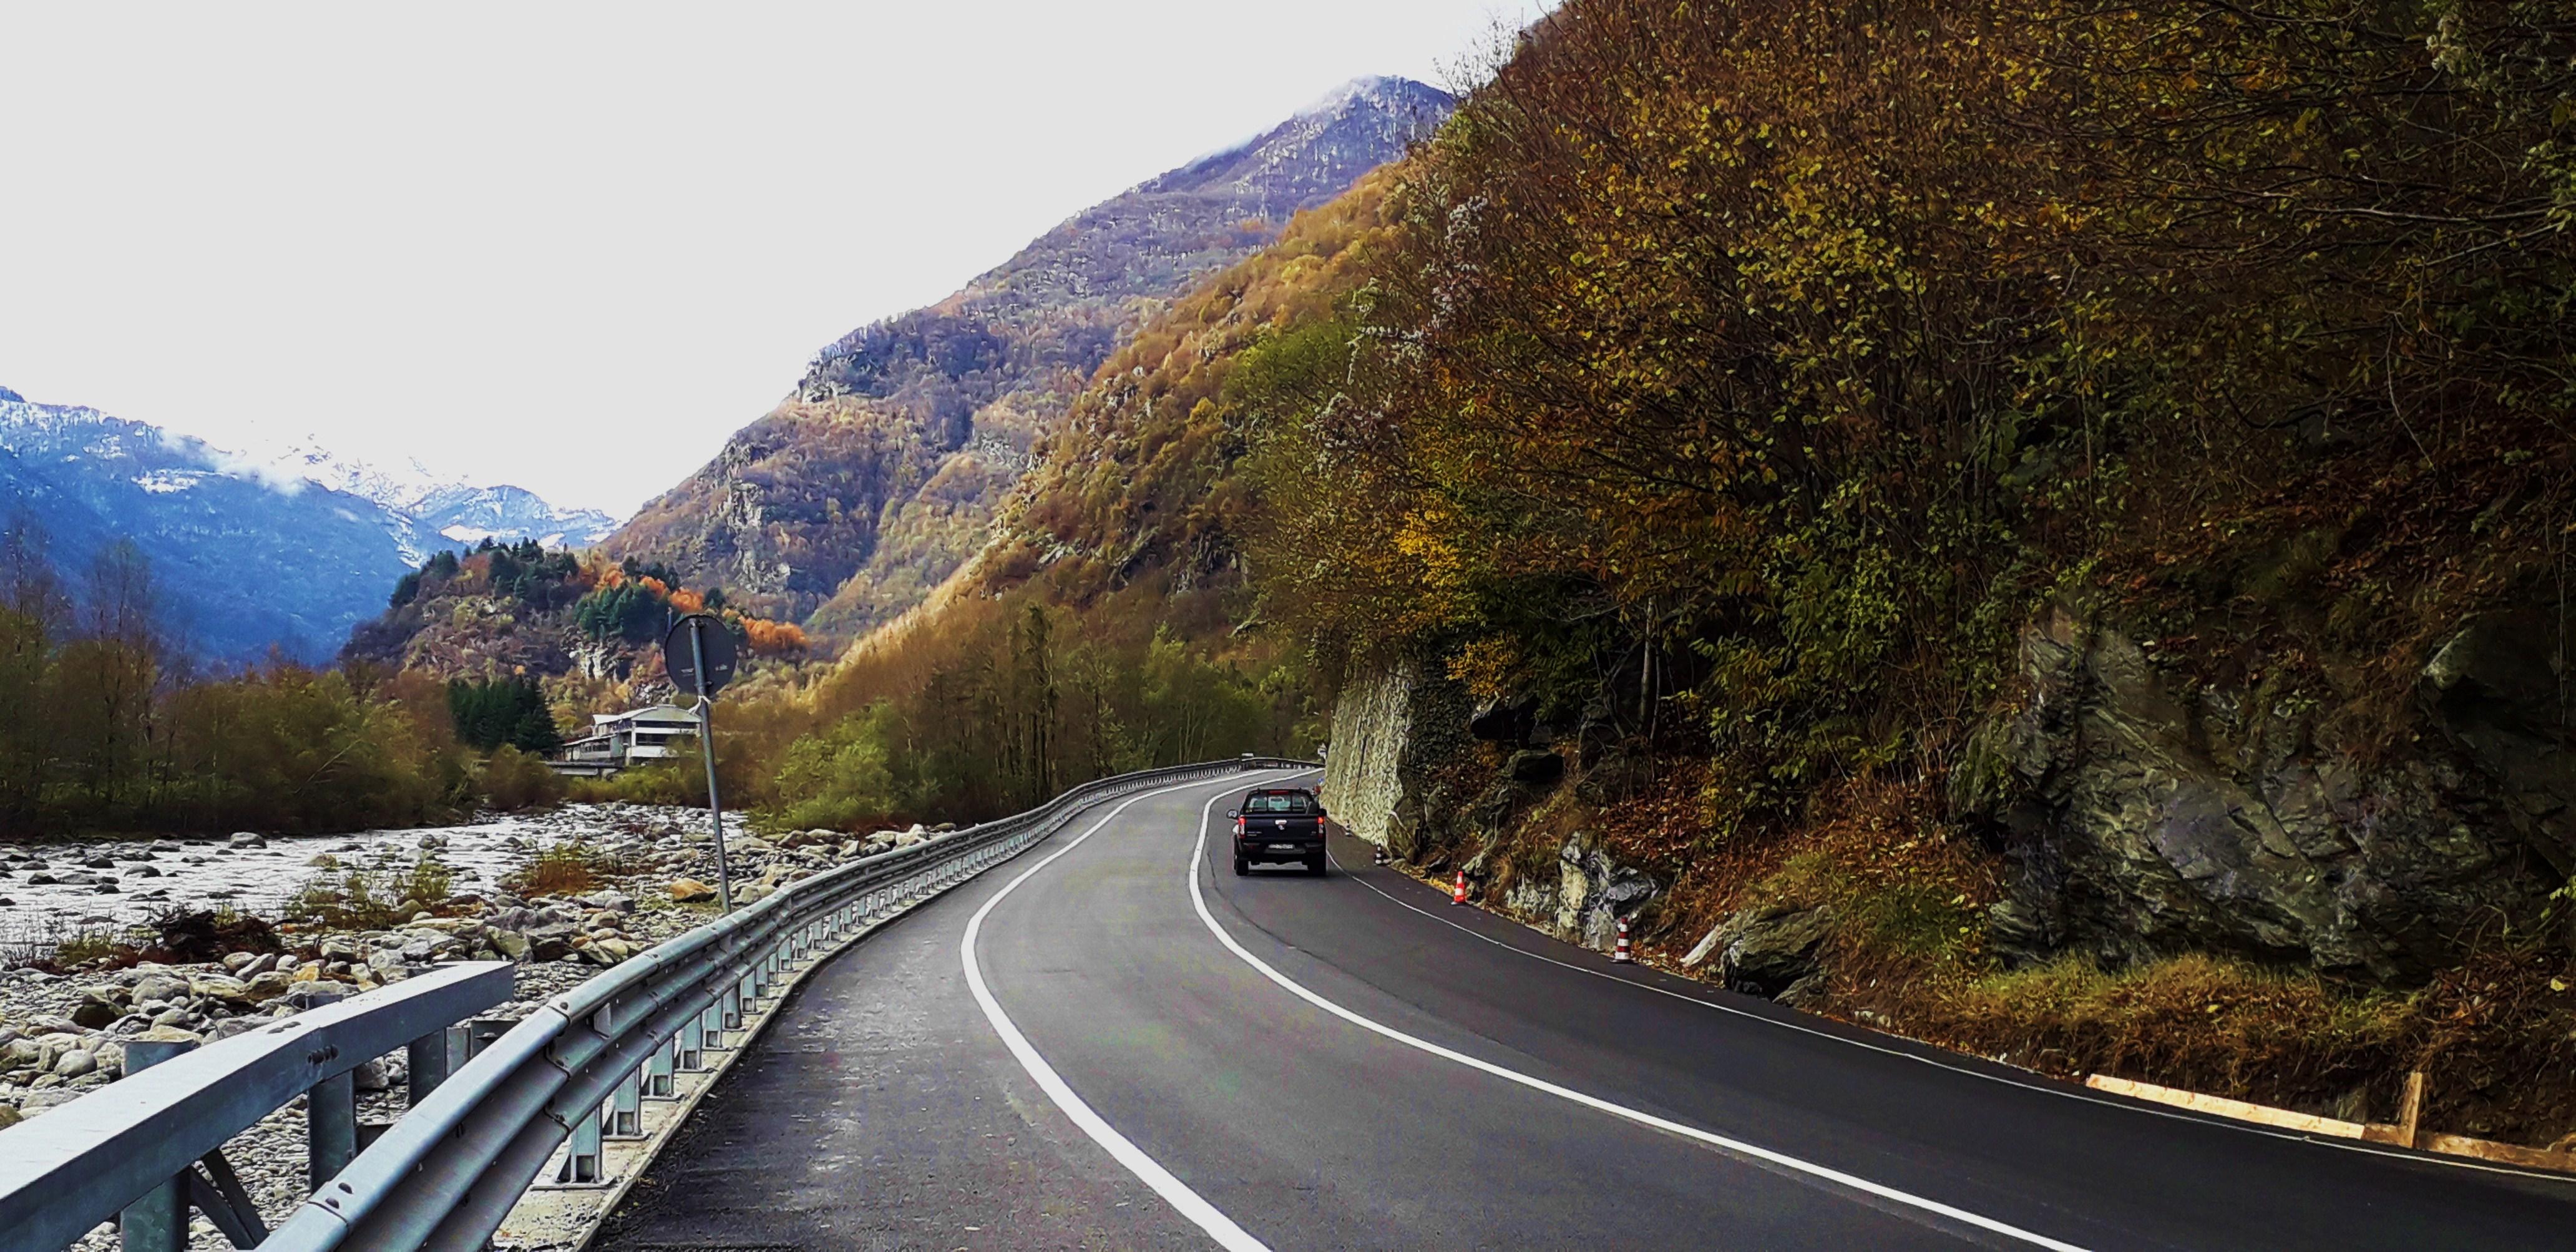 strada provincialePontSparone